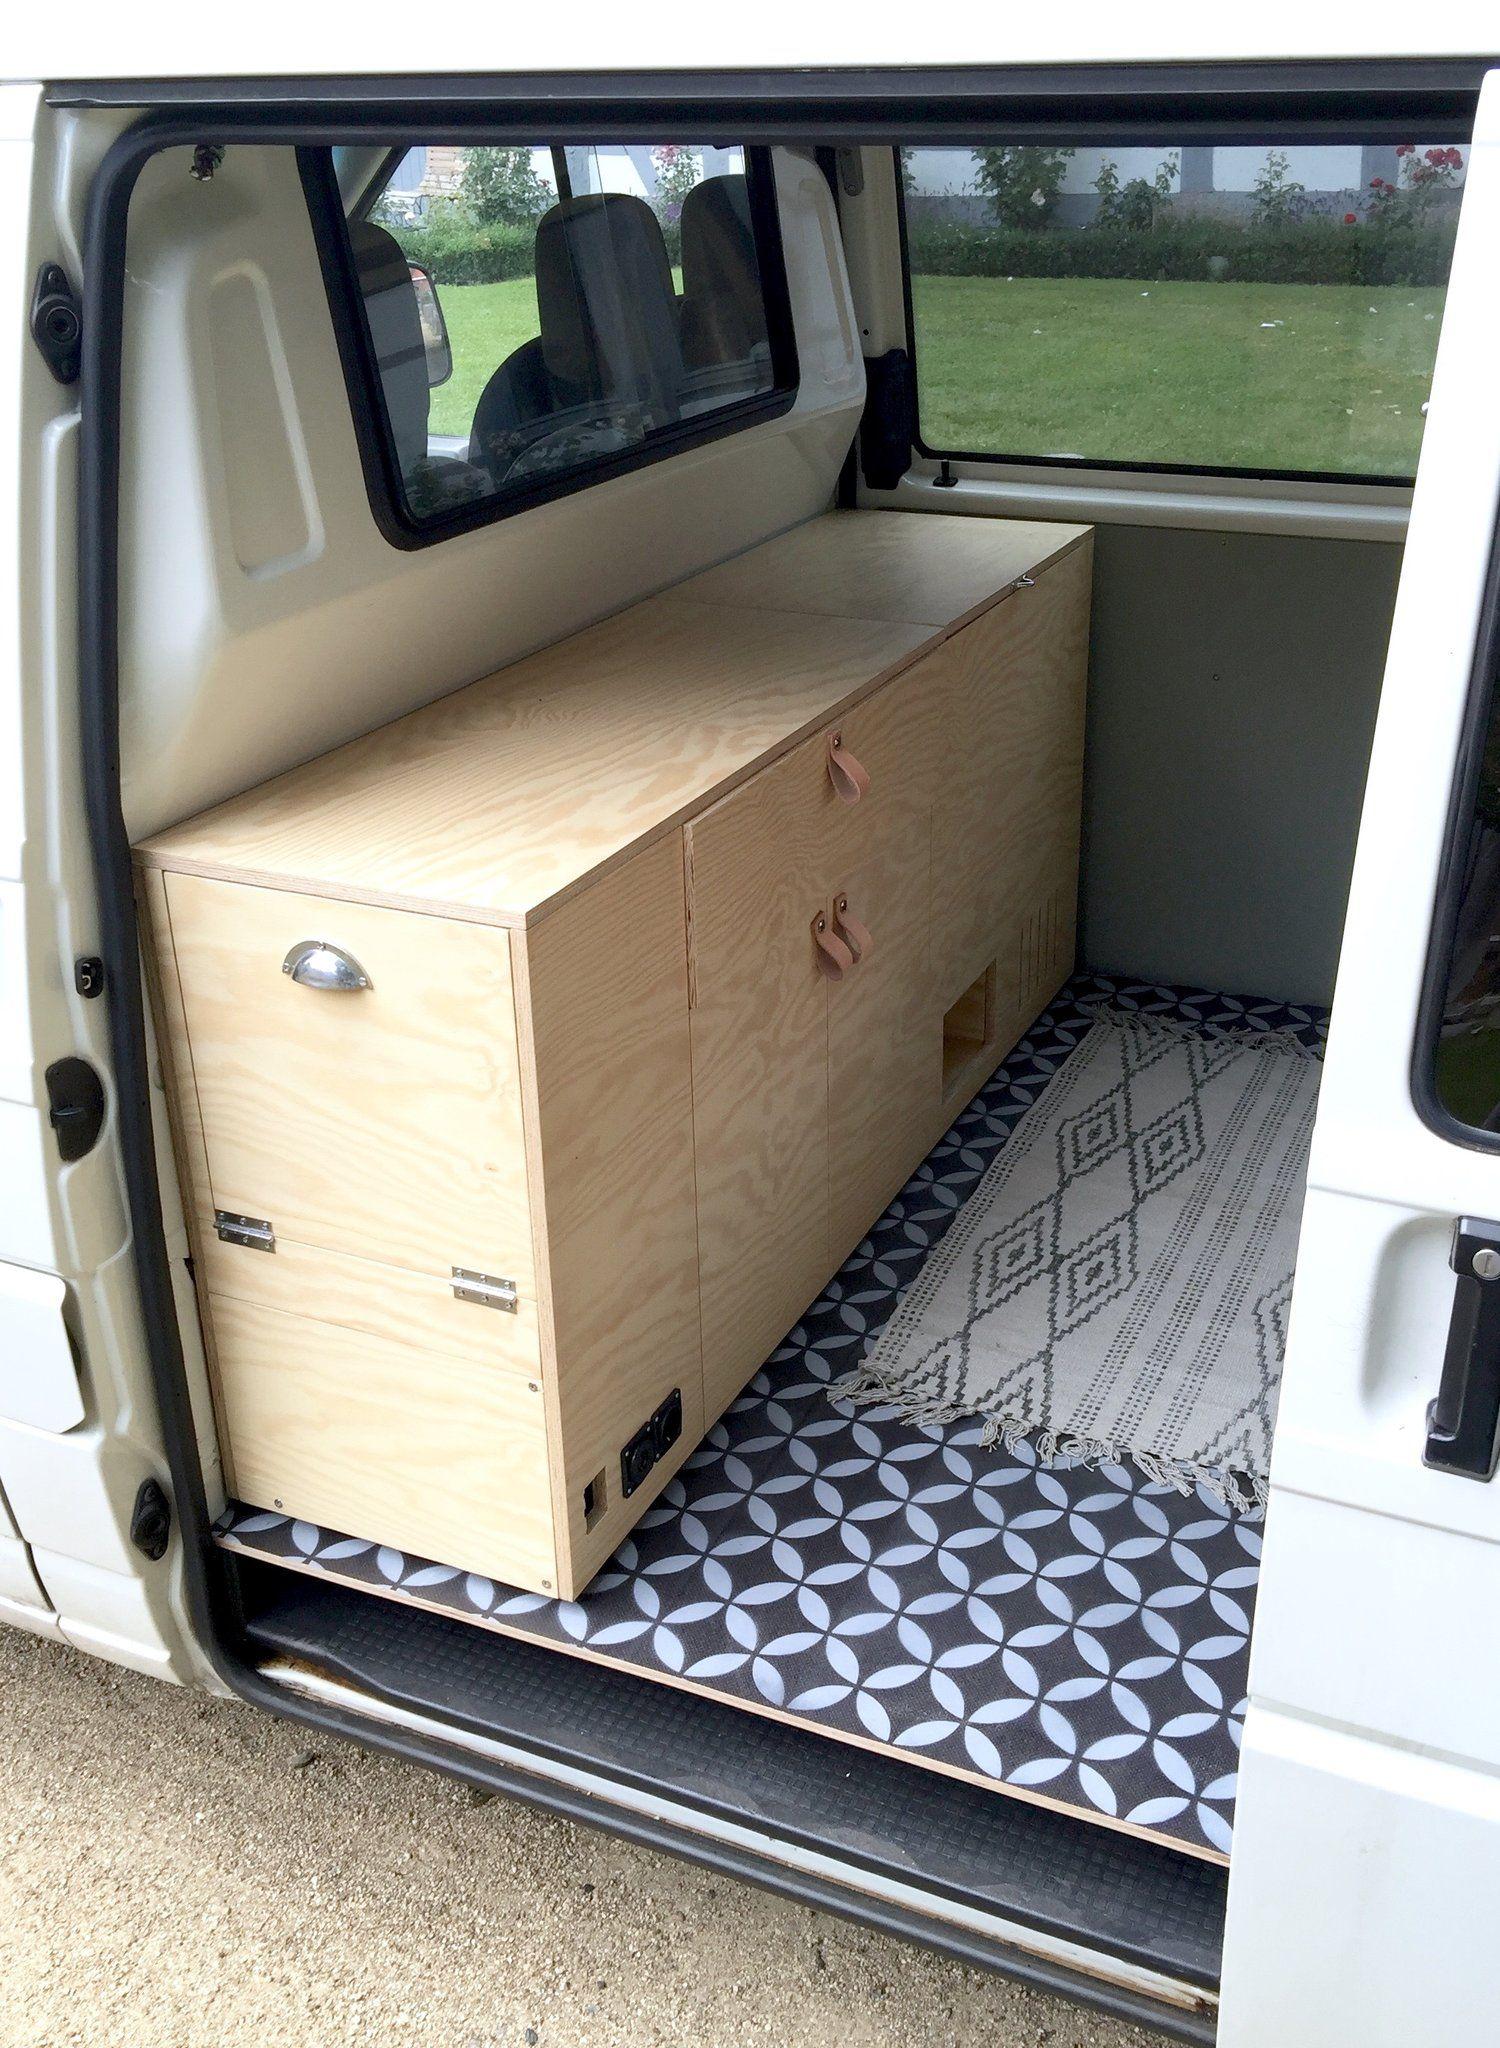 RAUMKUNSTBUS #2 - Der Ausbau   Schubladen, Elektro und Stehen